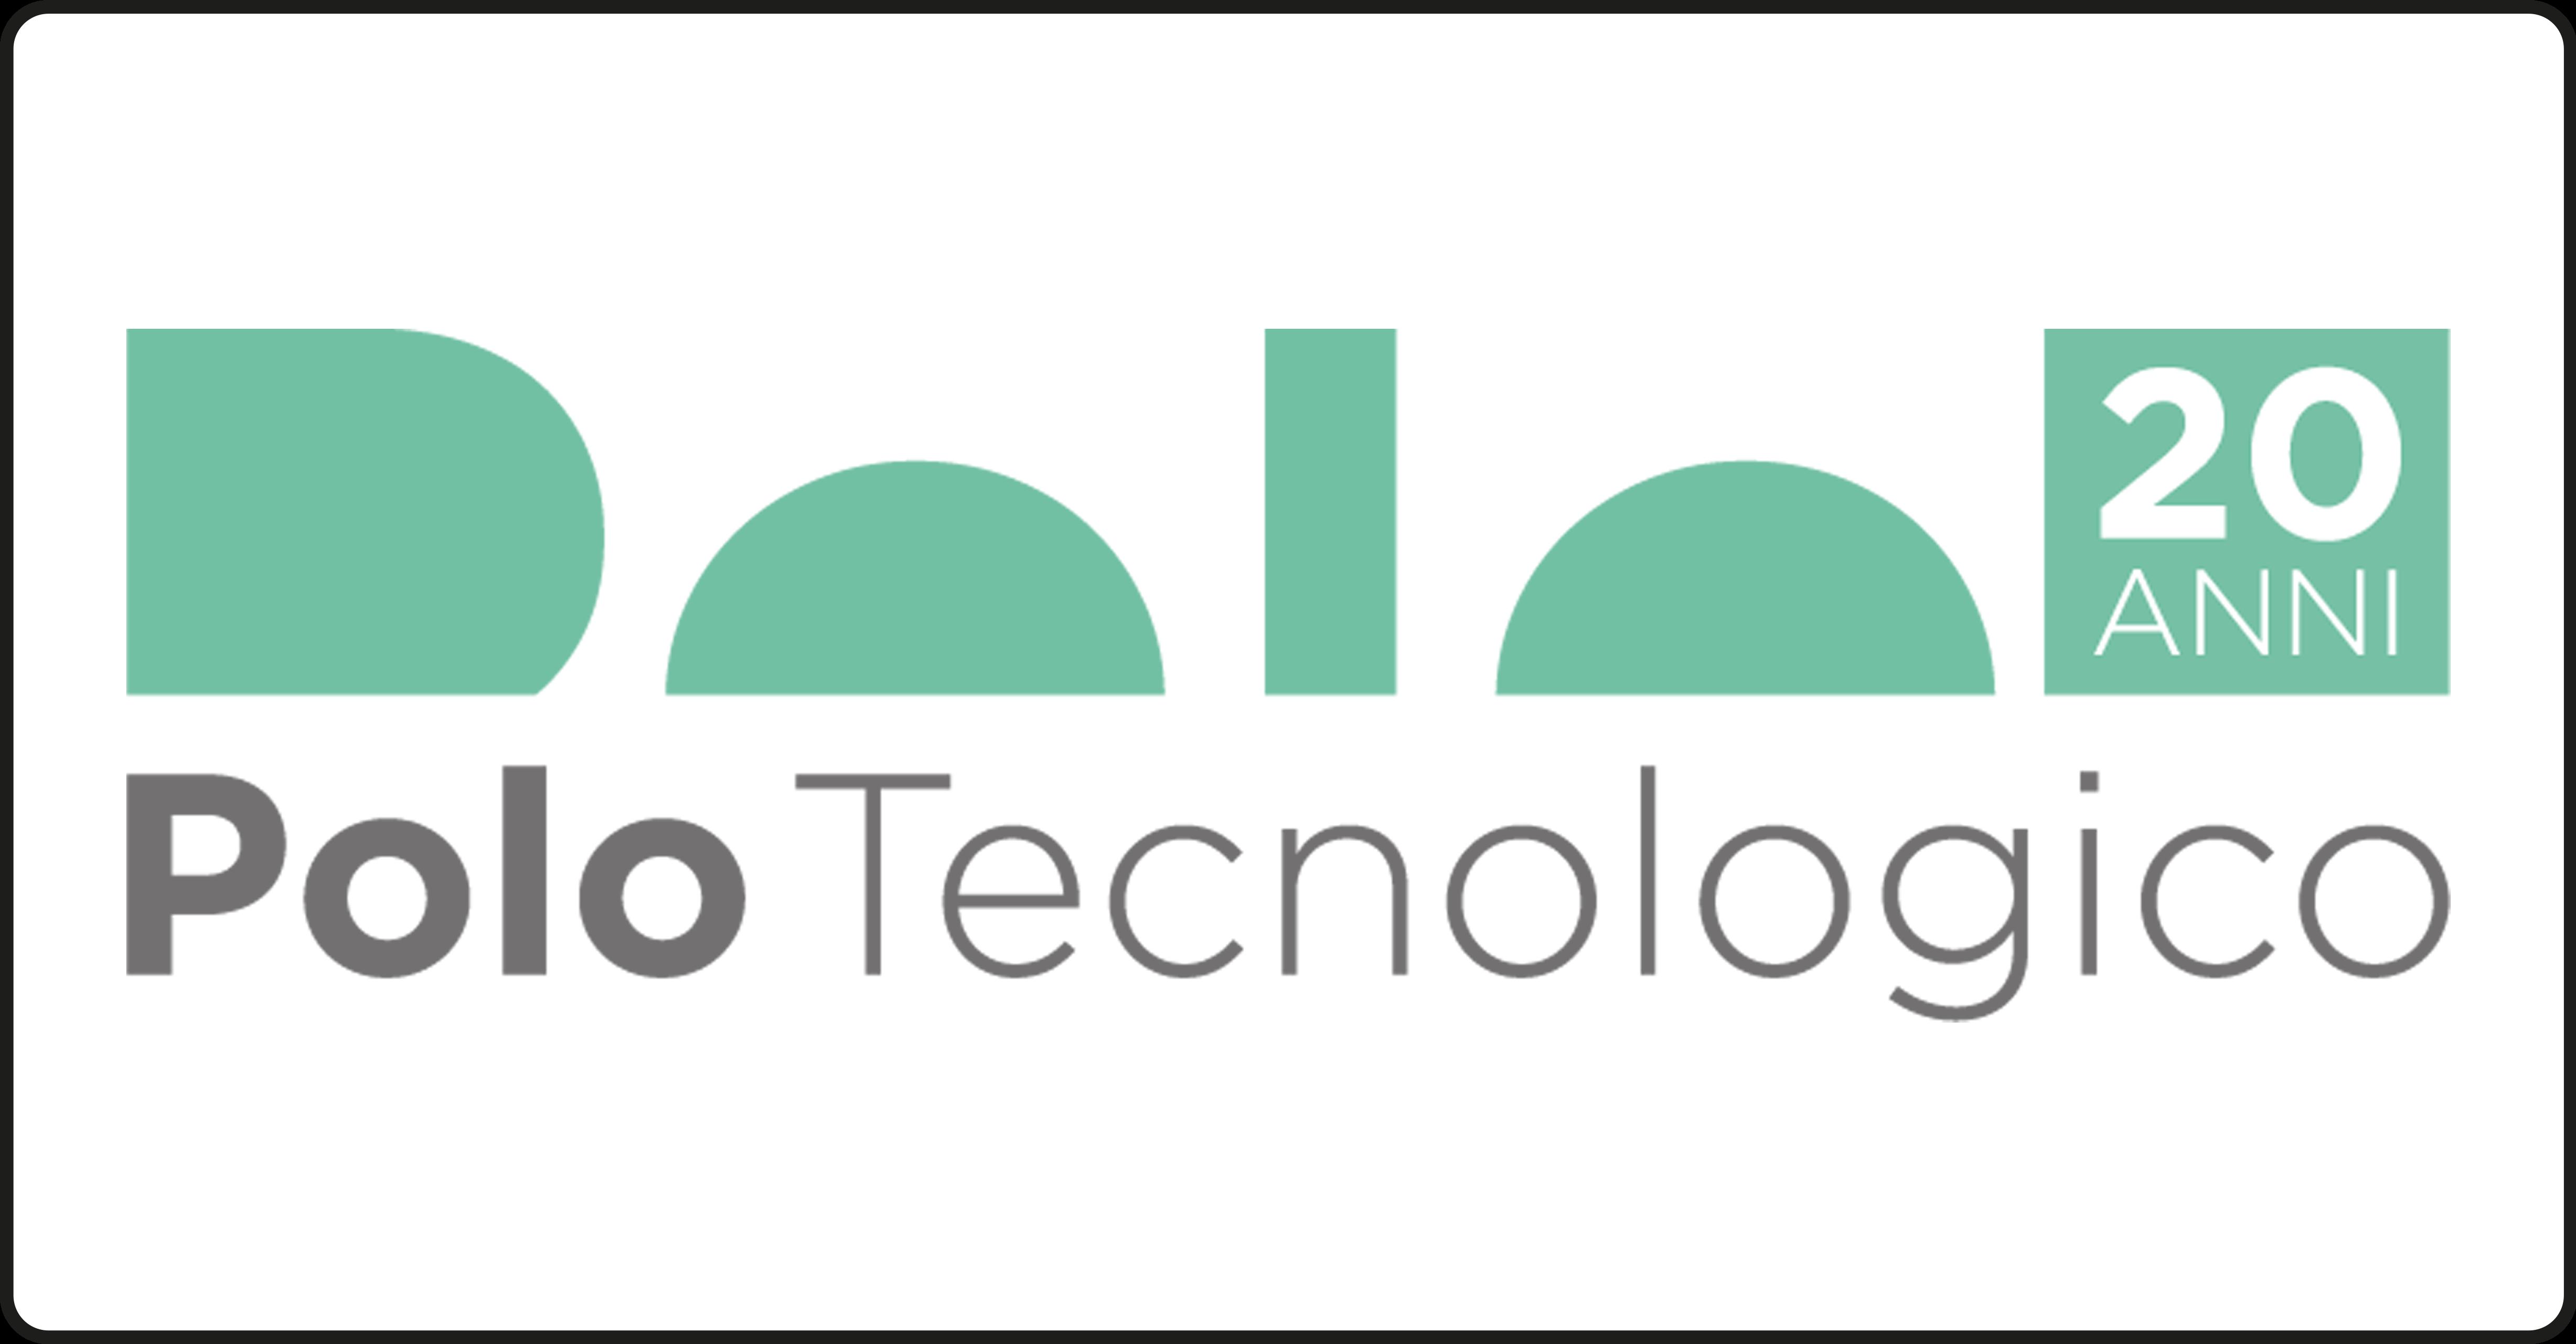 Polo Tecnologico Navacchio